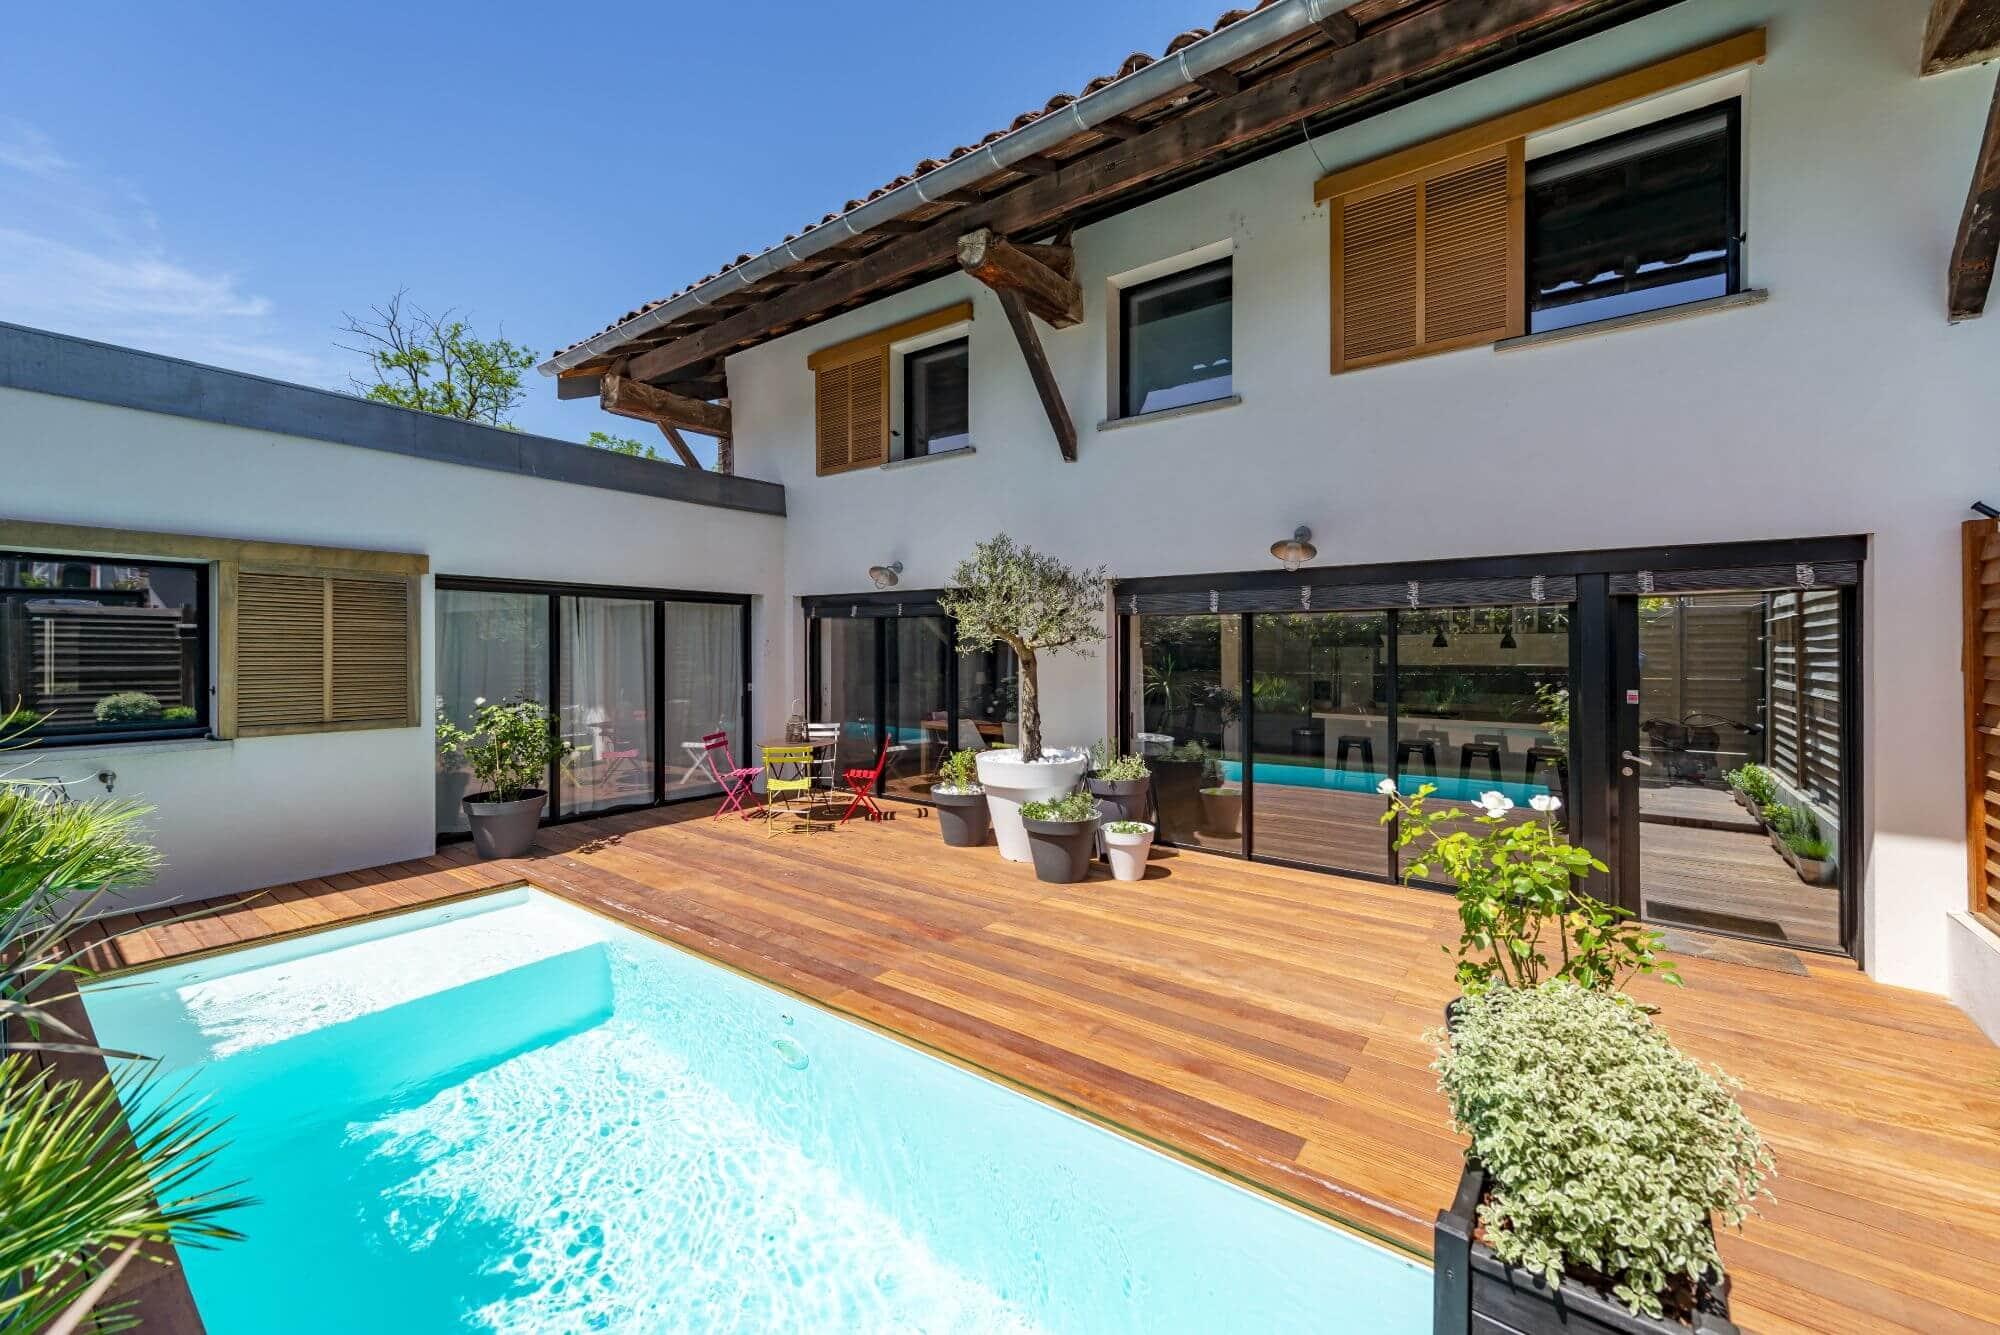 Rénovation de maison, Maison toulouse, Piscine, Terrasse